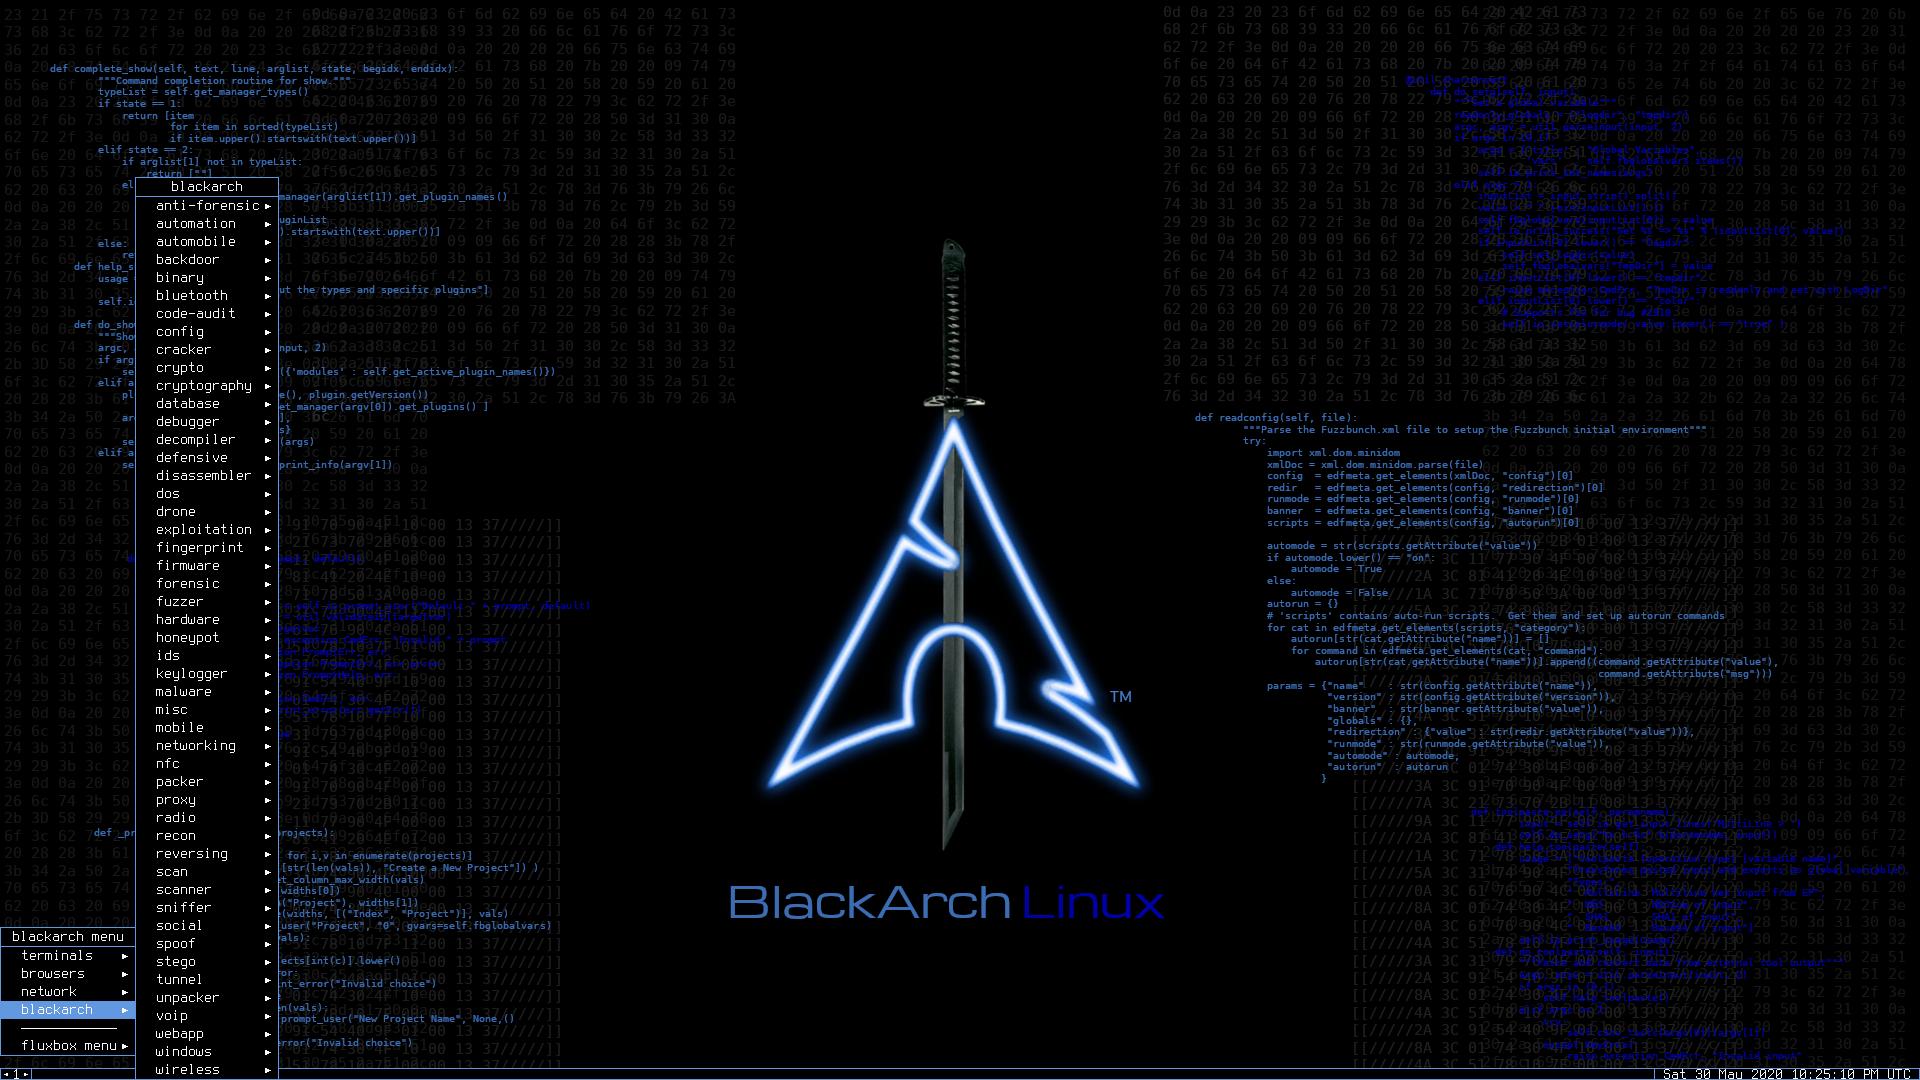 BlackArch Linux 2020.12.01 mit Fluxbox 1.3.7